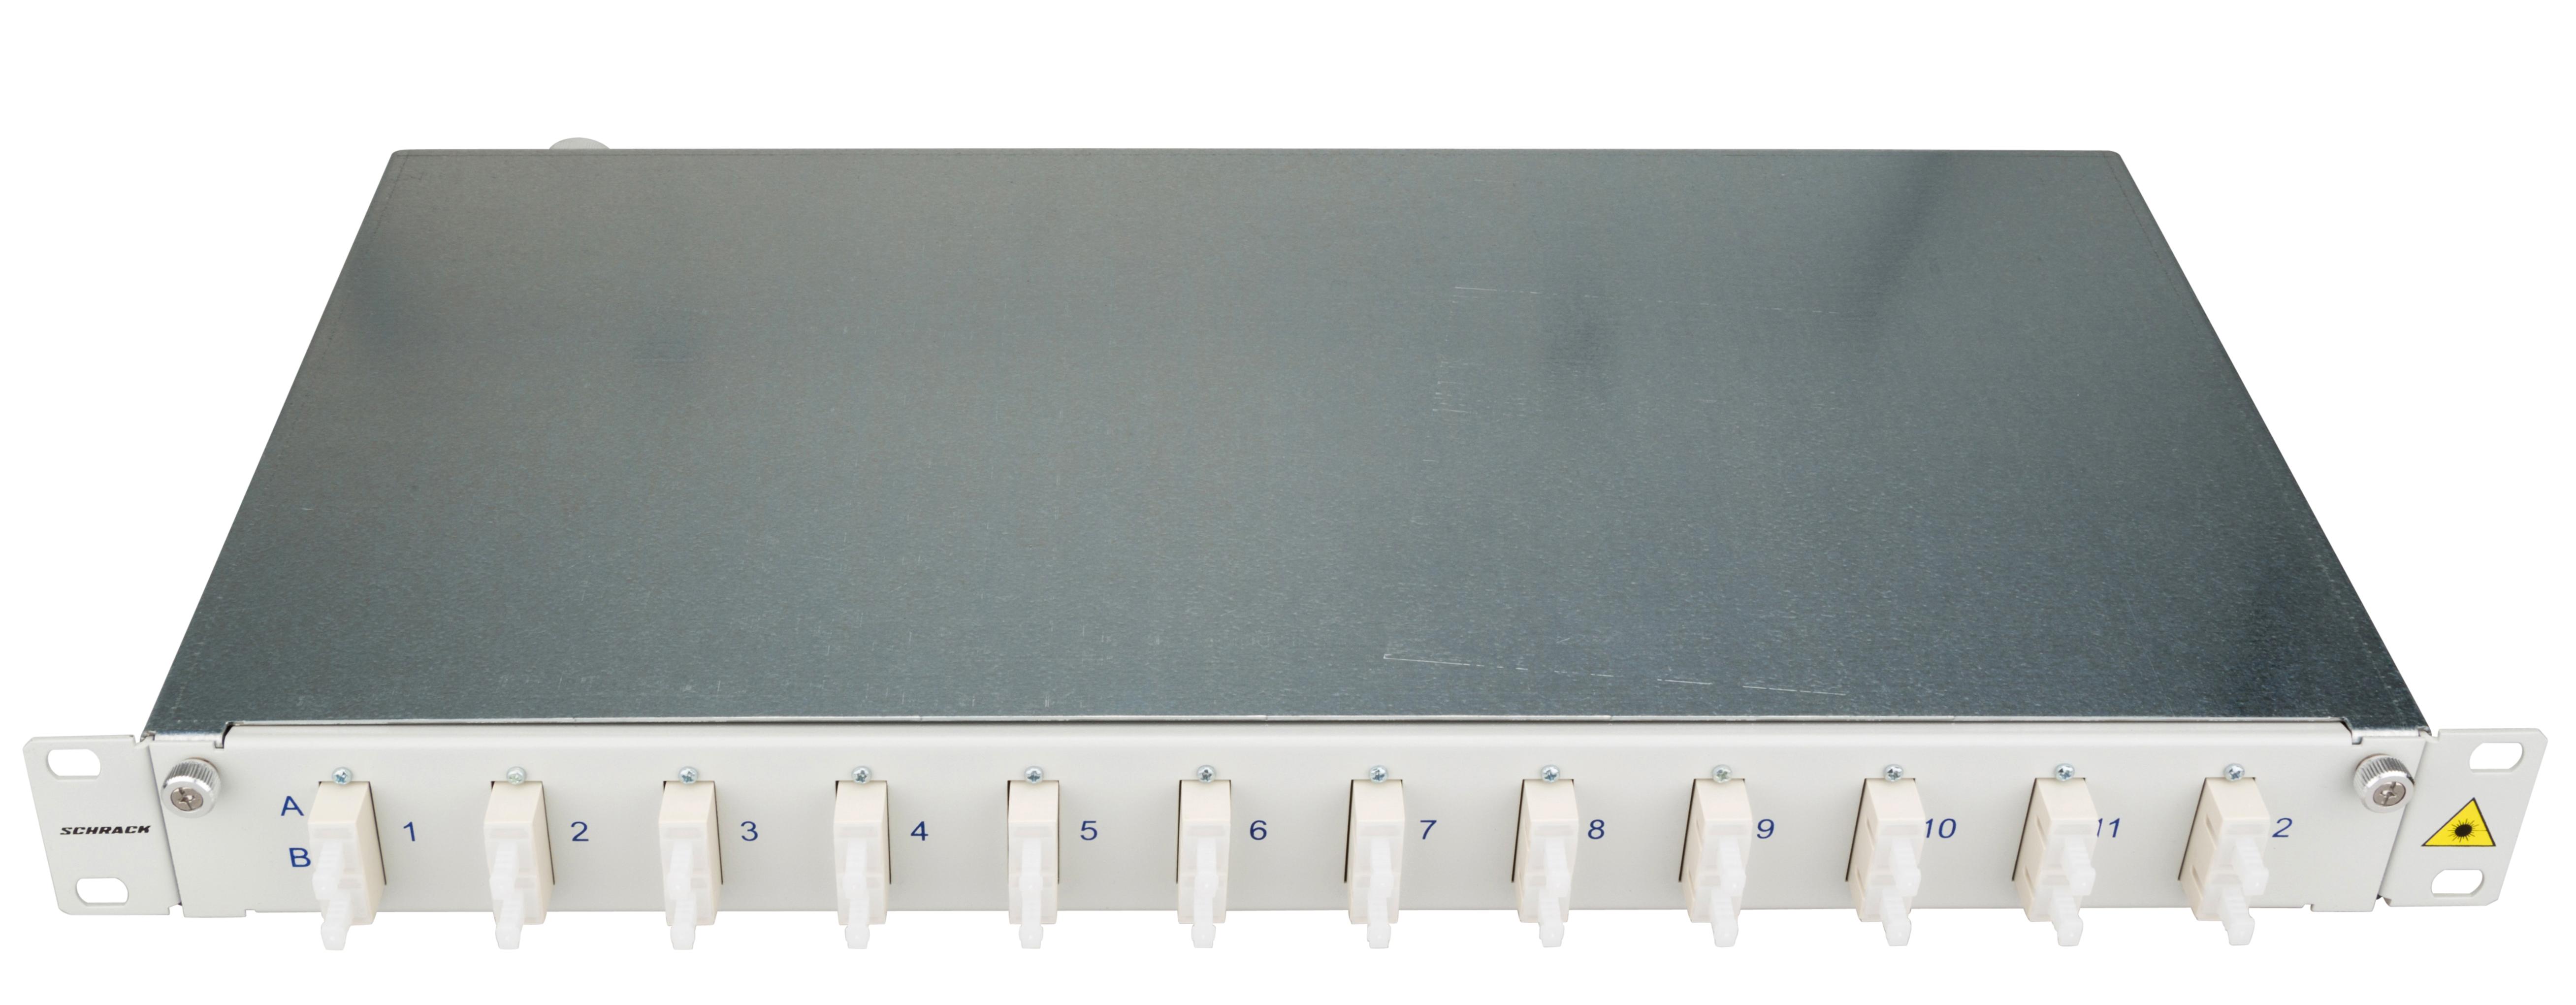 1 Stk LWL Patchpanel 19, 1 HE, ausziehbar, für 12 Fasern, SC, MM HSELS12MCG